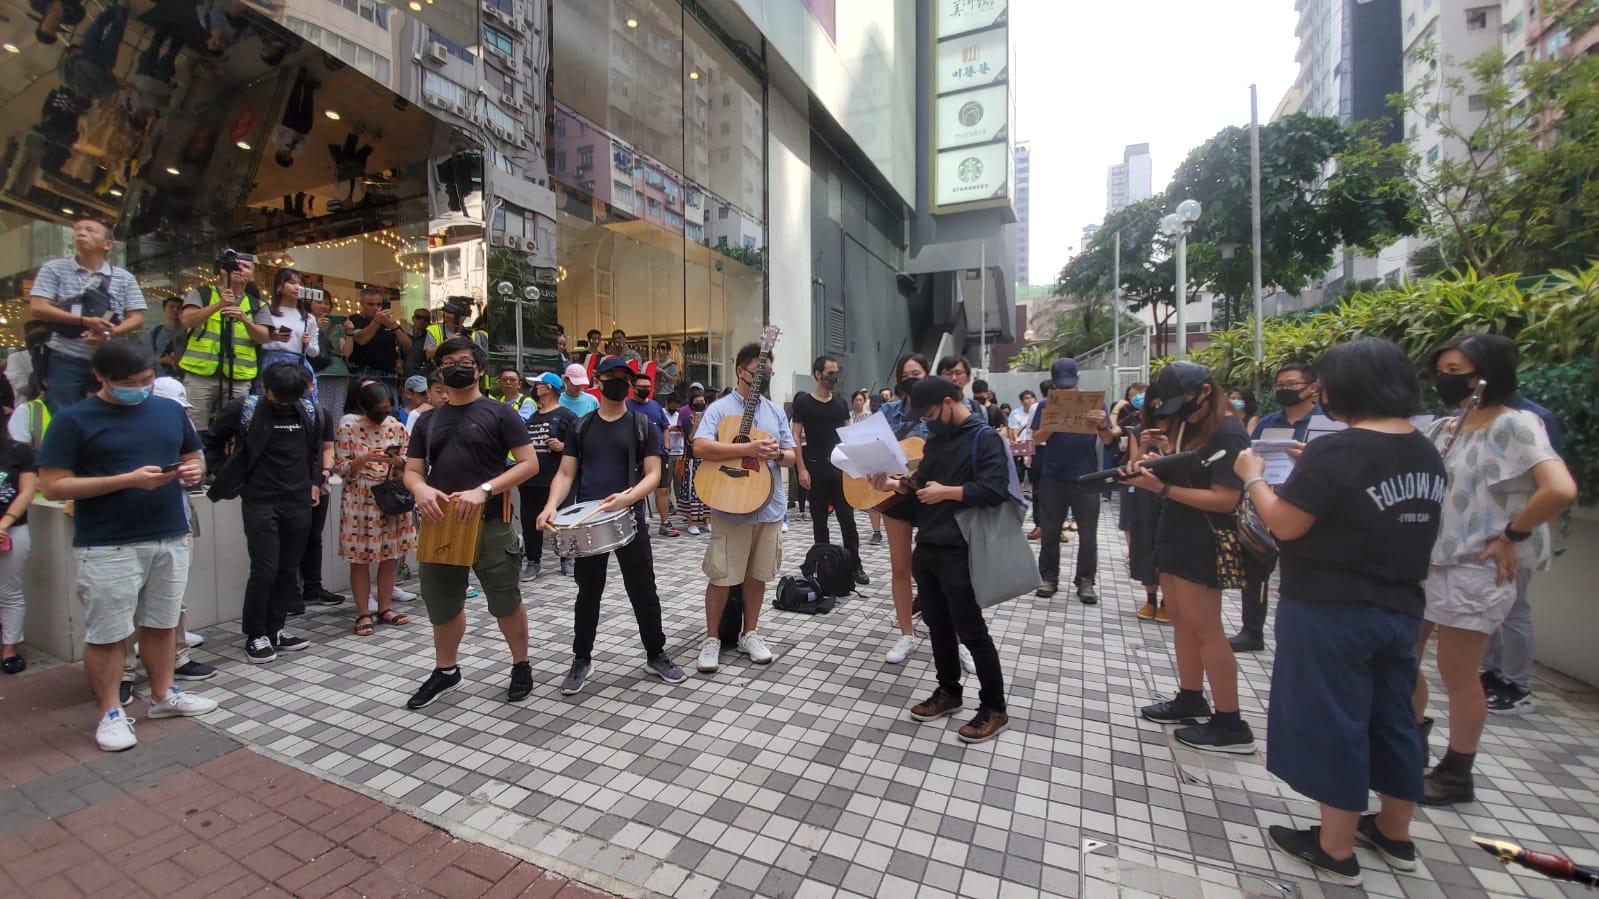 一批示威者在朗豪坊外演奏樂器及唱歌後起步遊行。